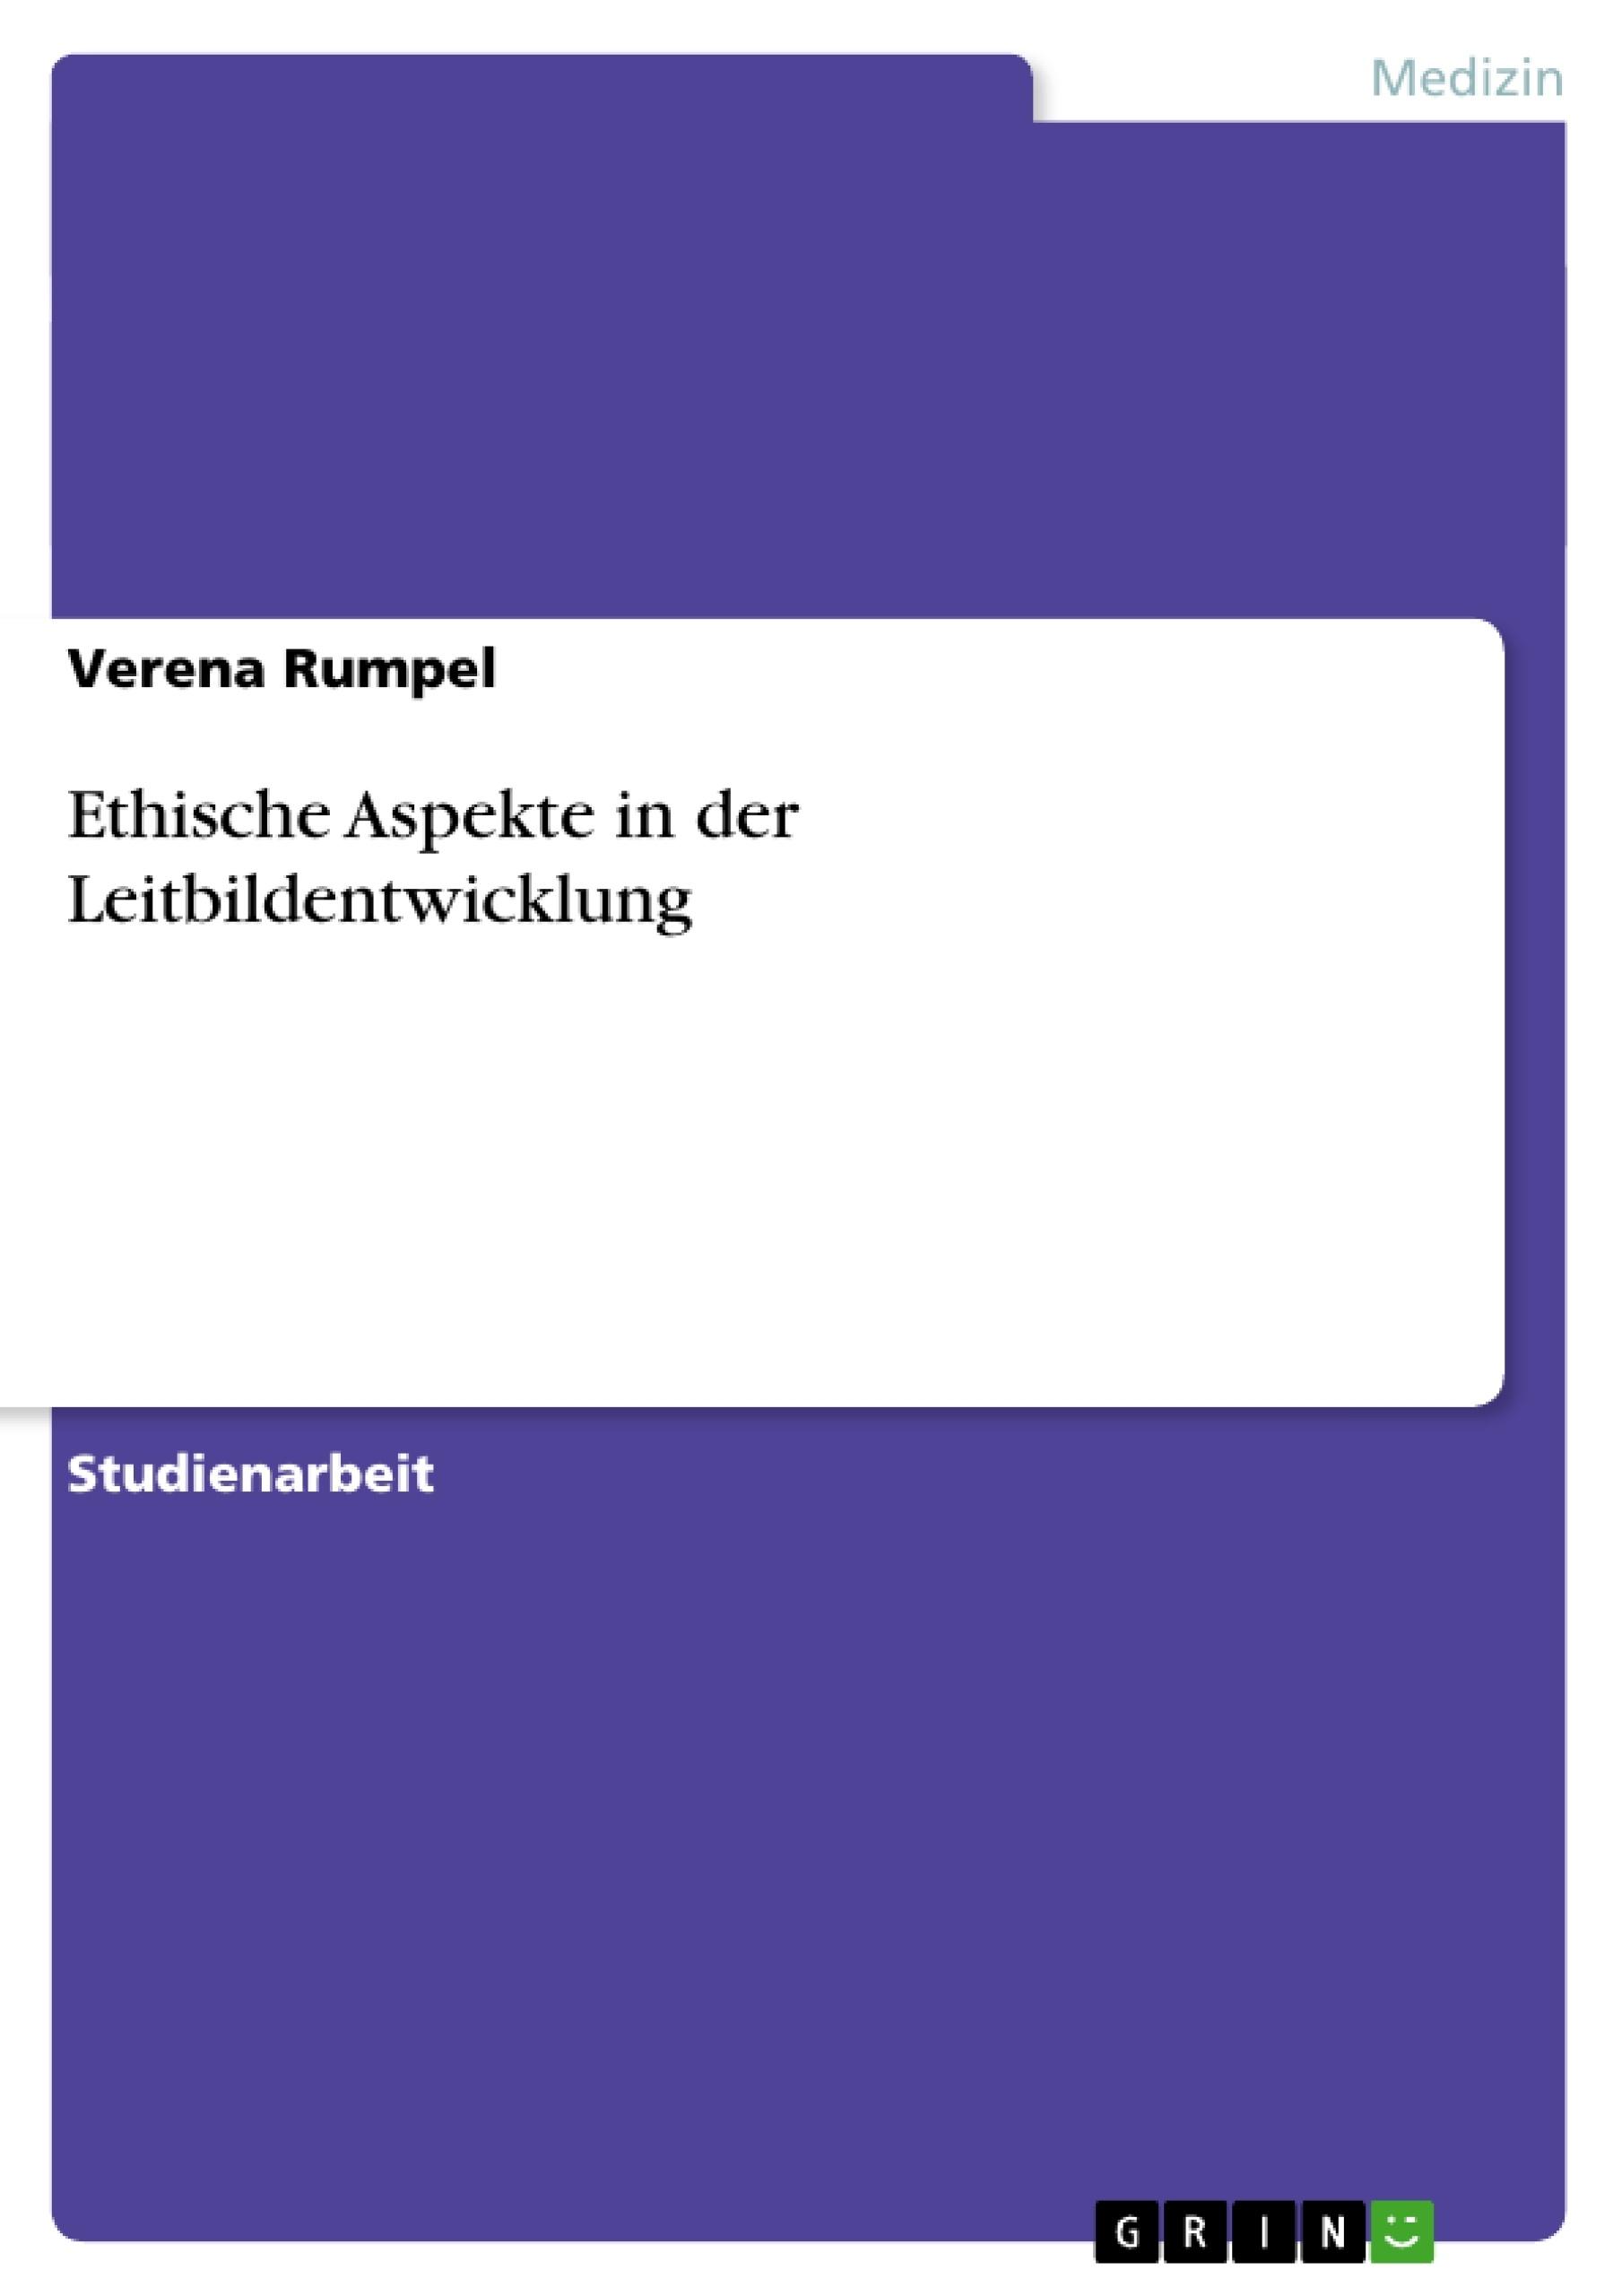 Titel: Ethische Aspekte in der Leitbildentwicklung